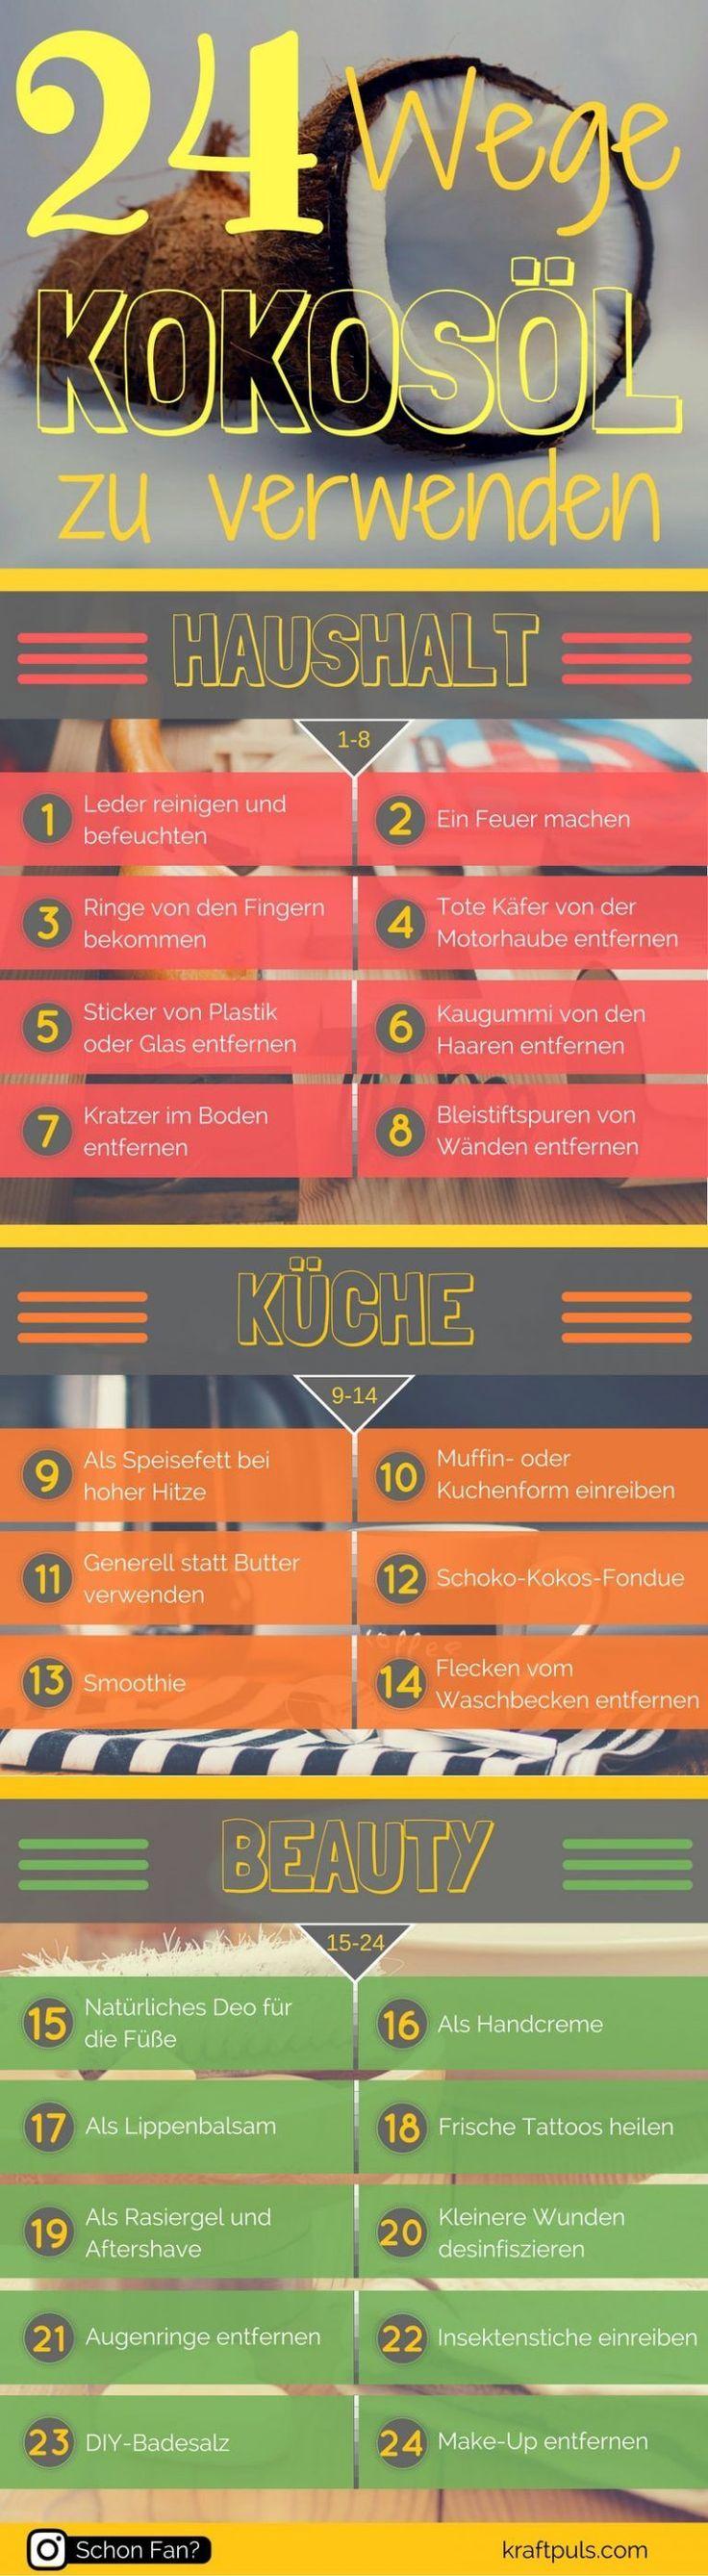 Kokosöl Anwendung: 24 Wege, das Wundermittel zu verwenden